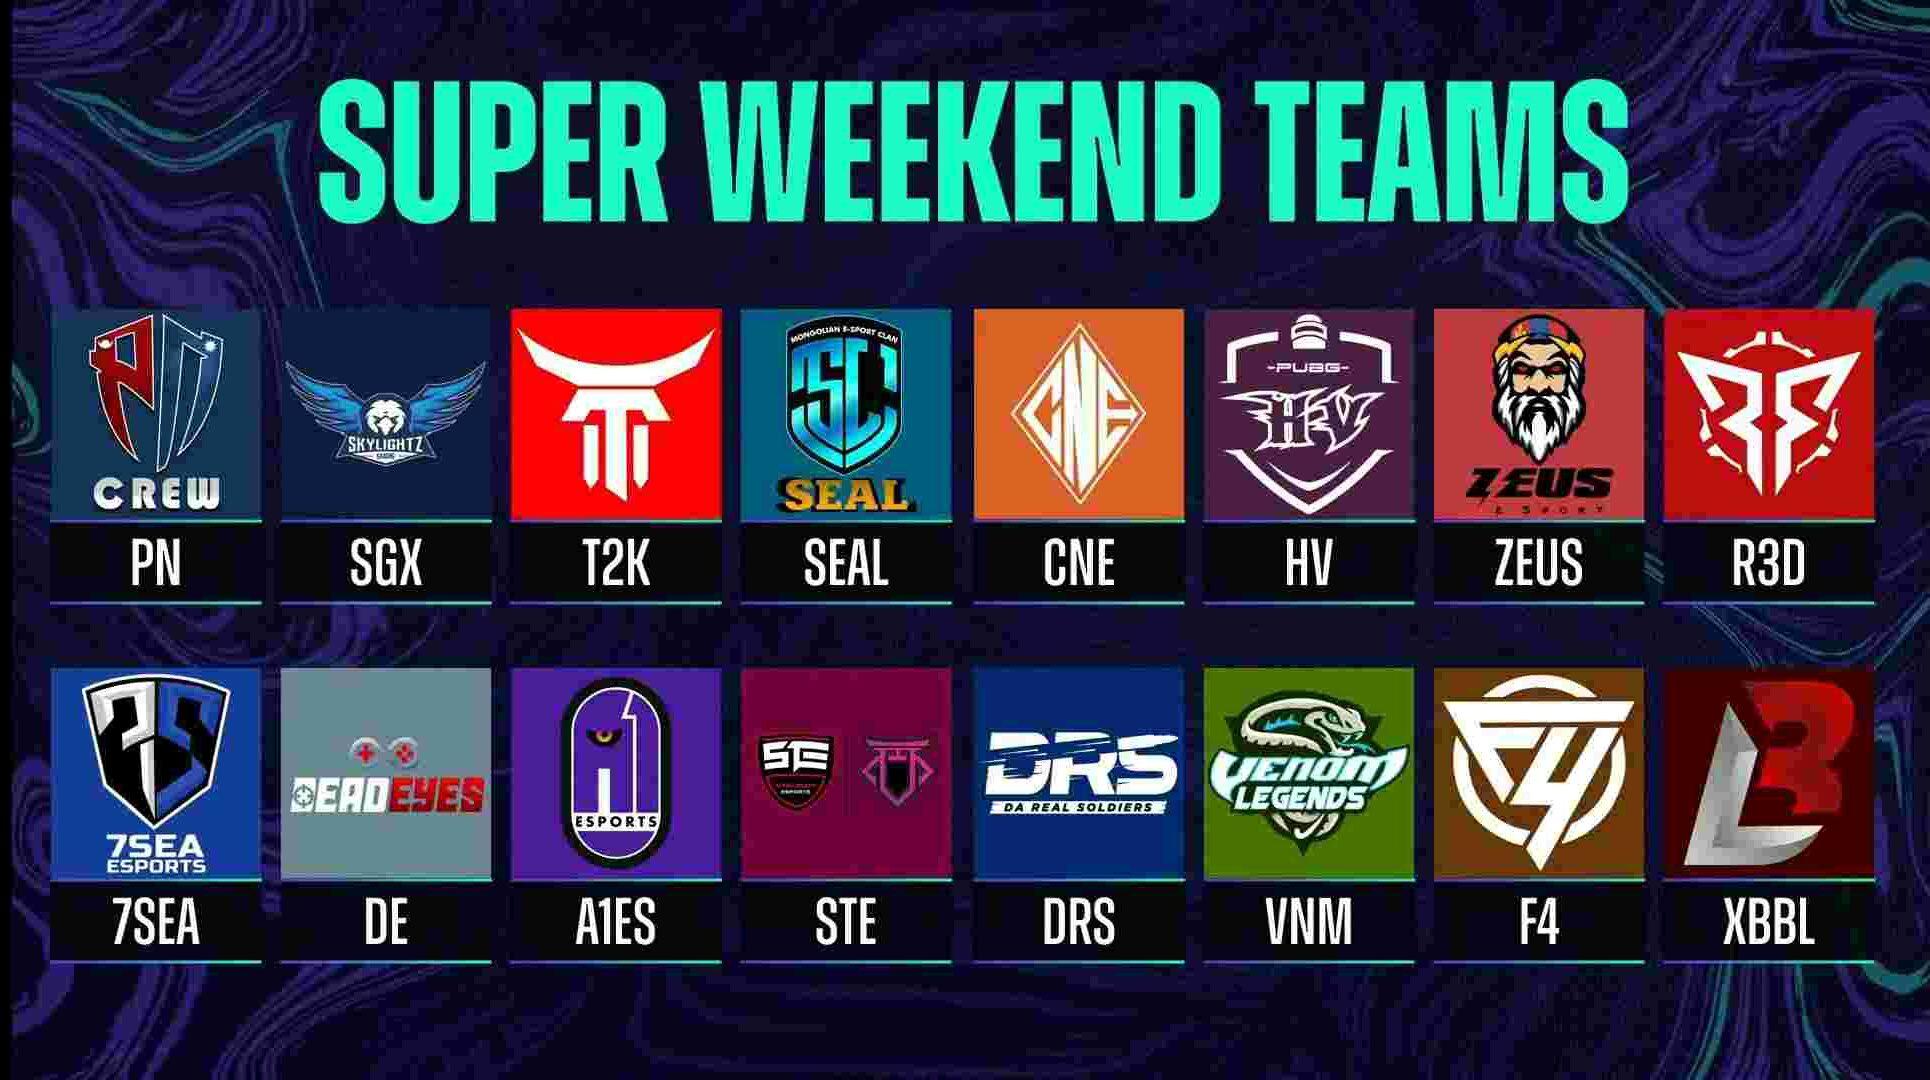 Super Weekend Teams